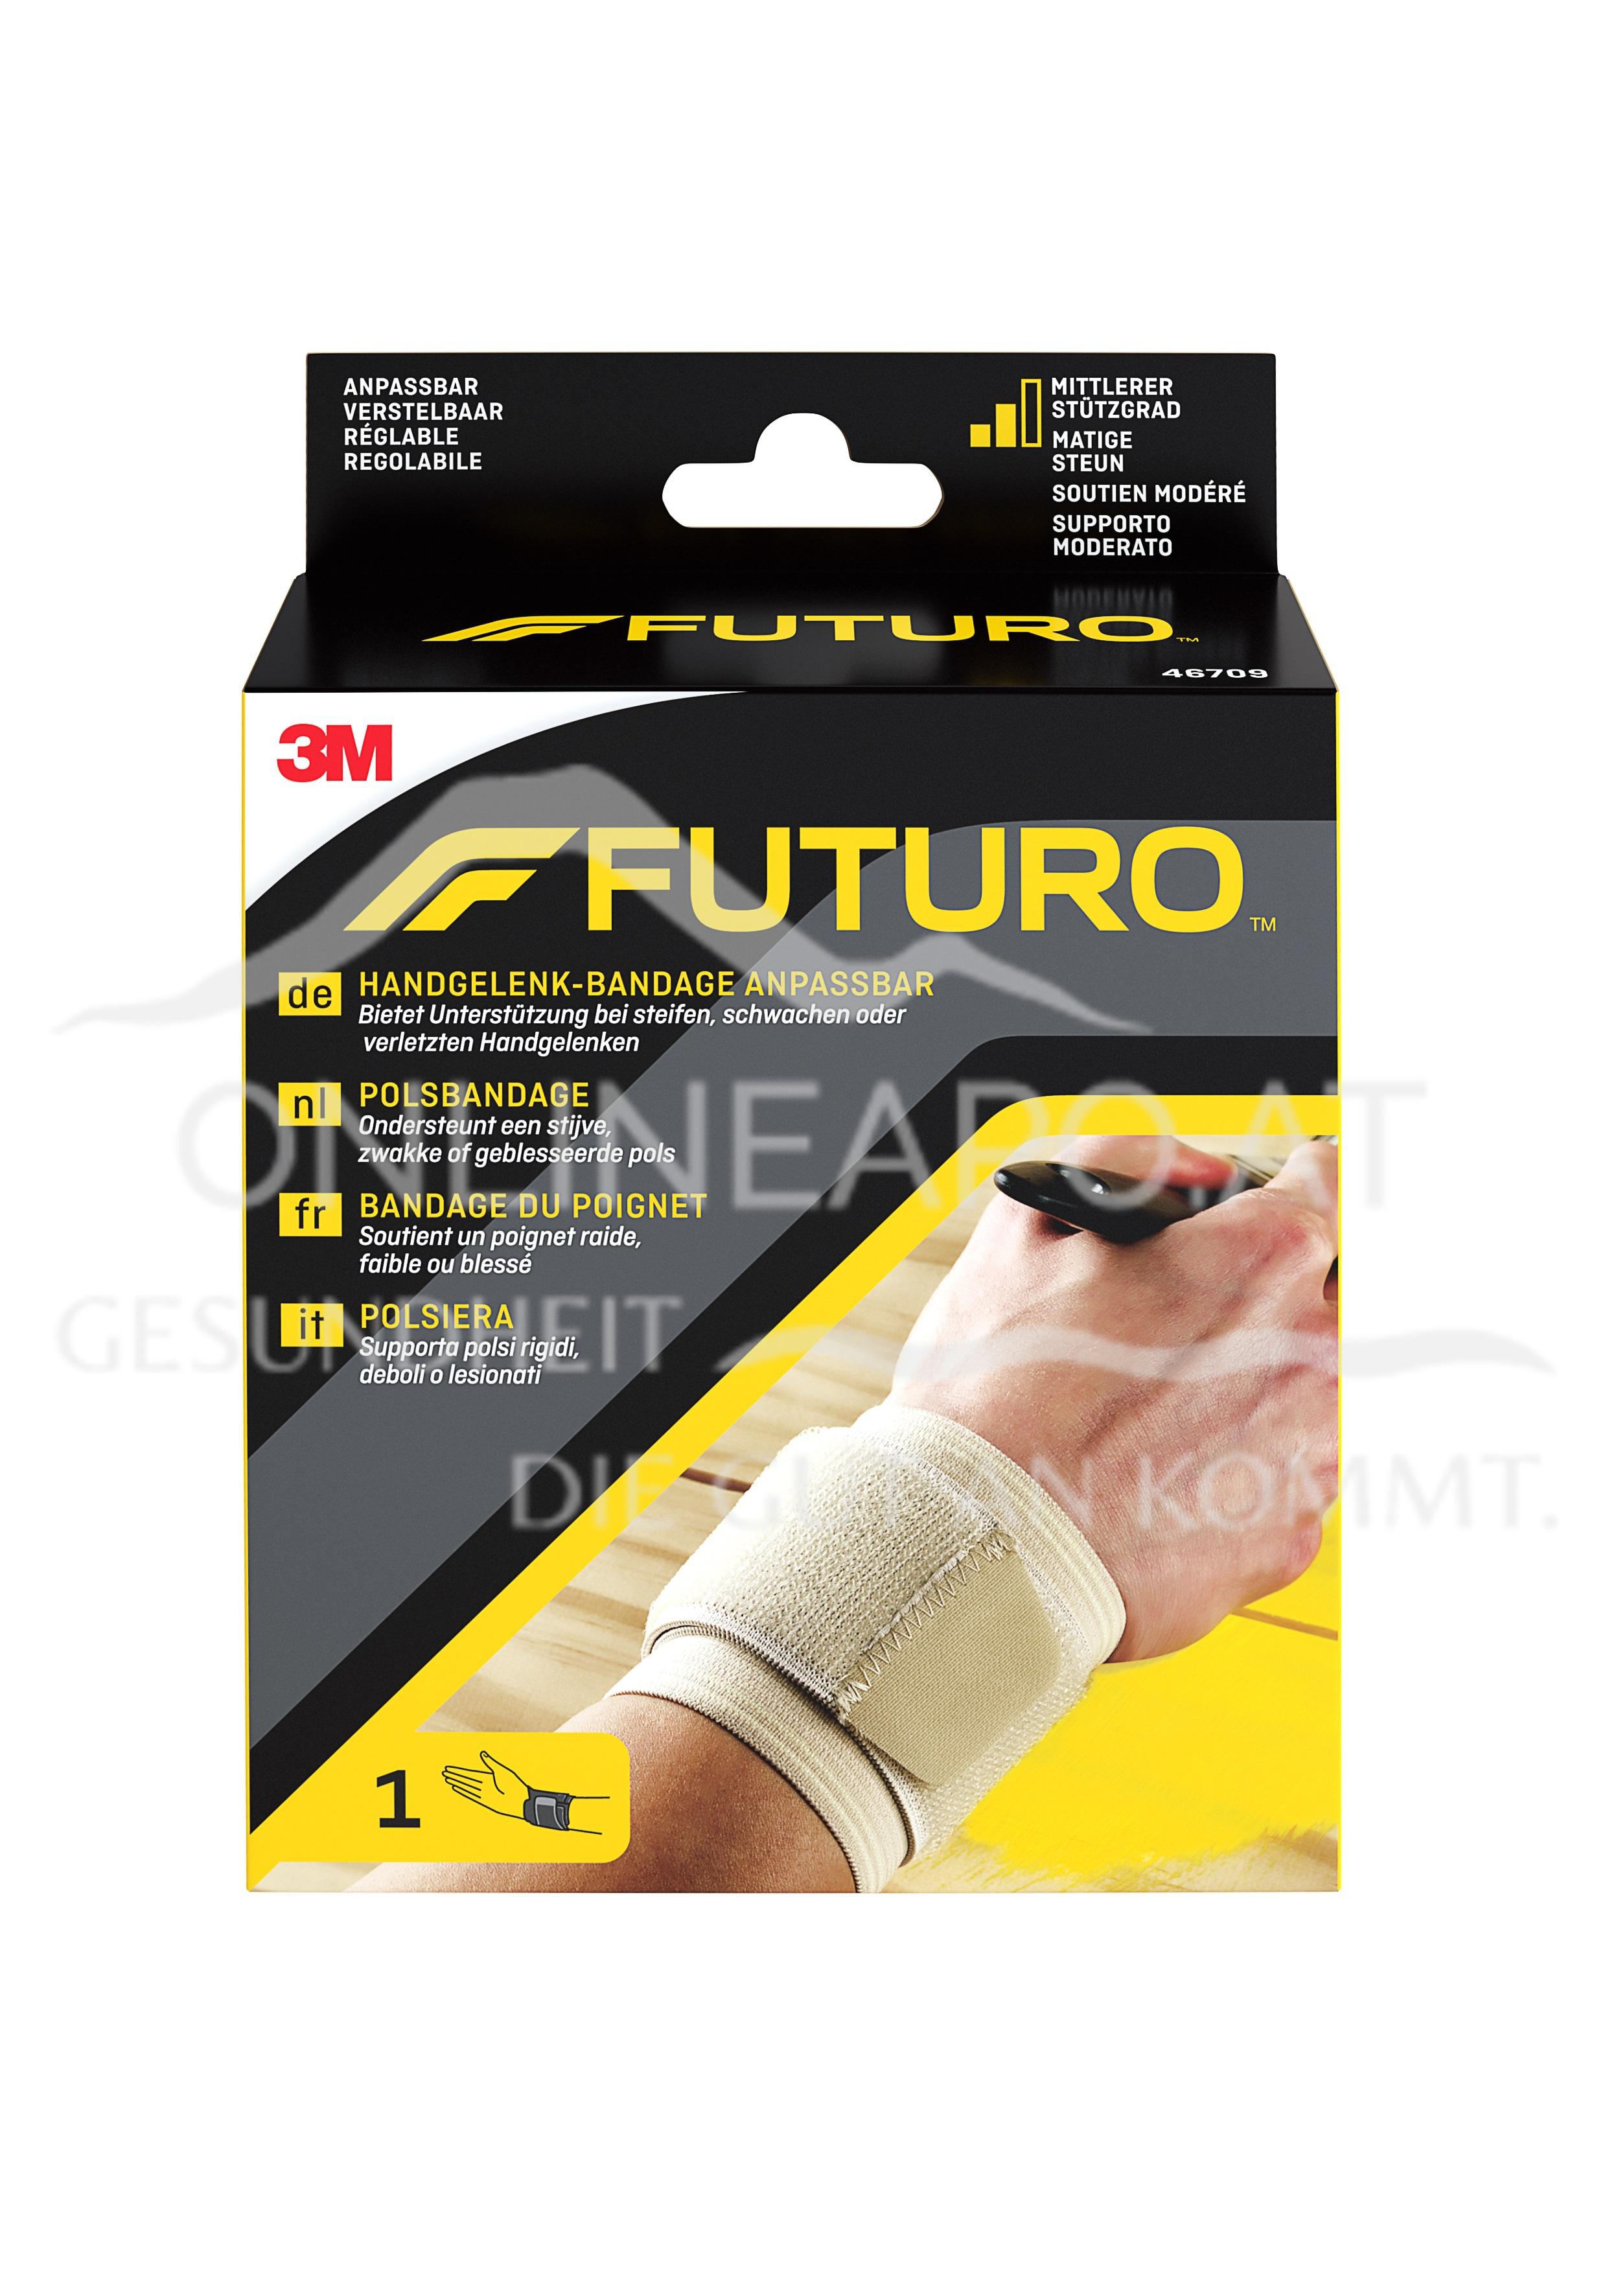 Futuro Handgelenk-Bandage one size